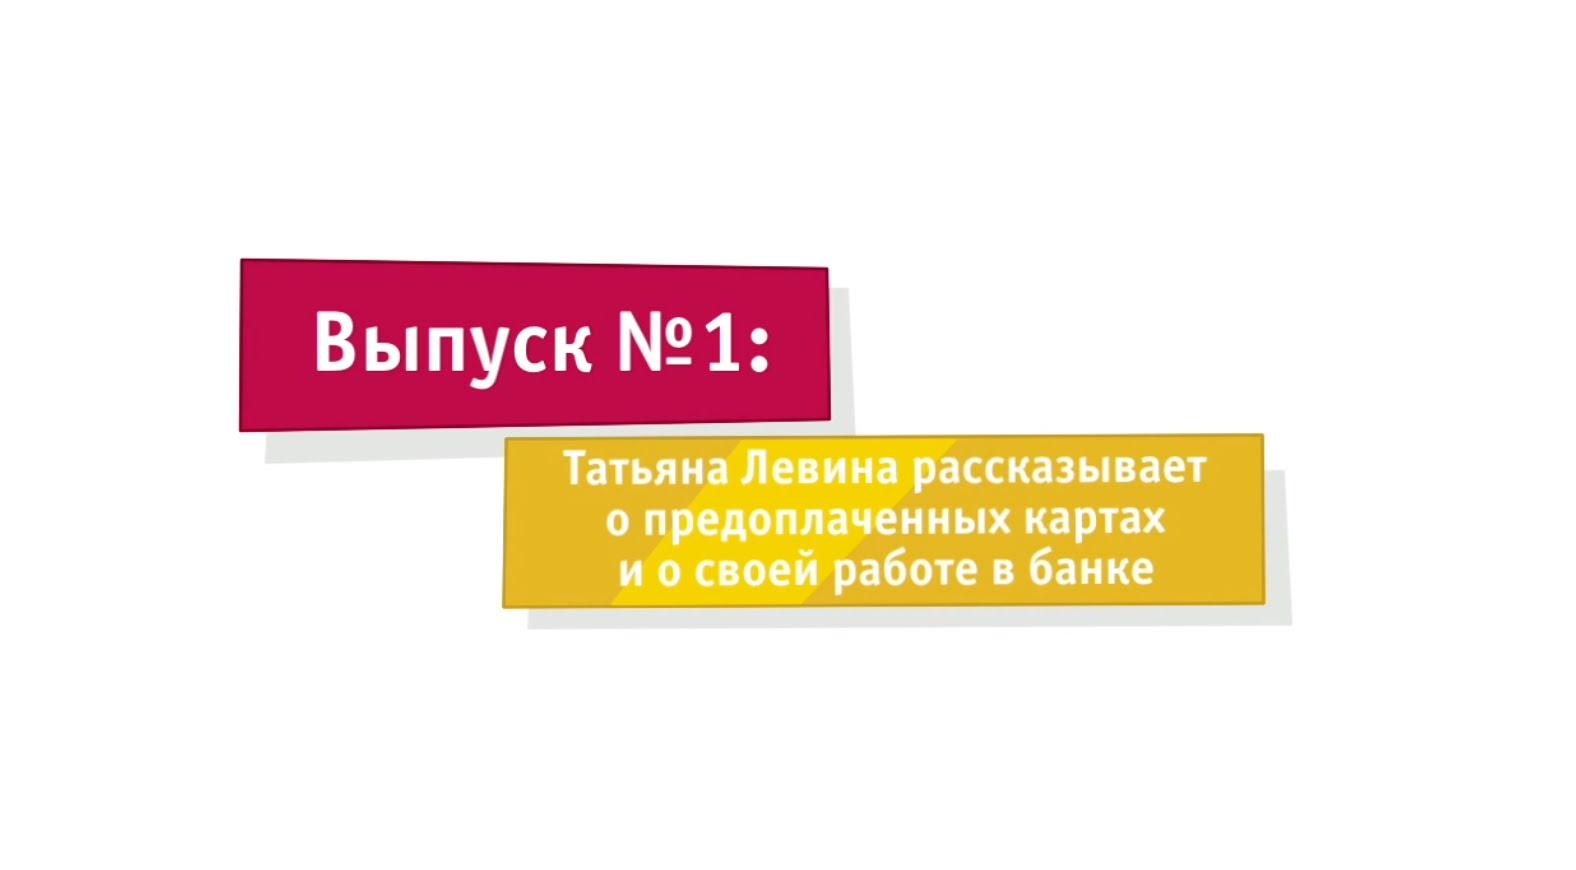 «Кухня банка», Выпуск №1  - «Видео - Банка Русский Стандарт»